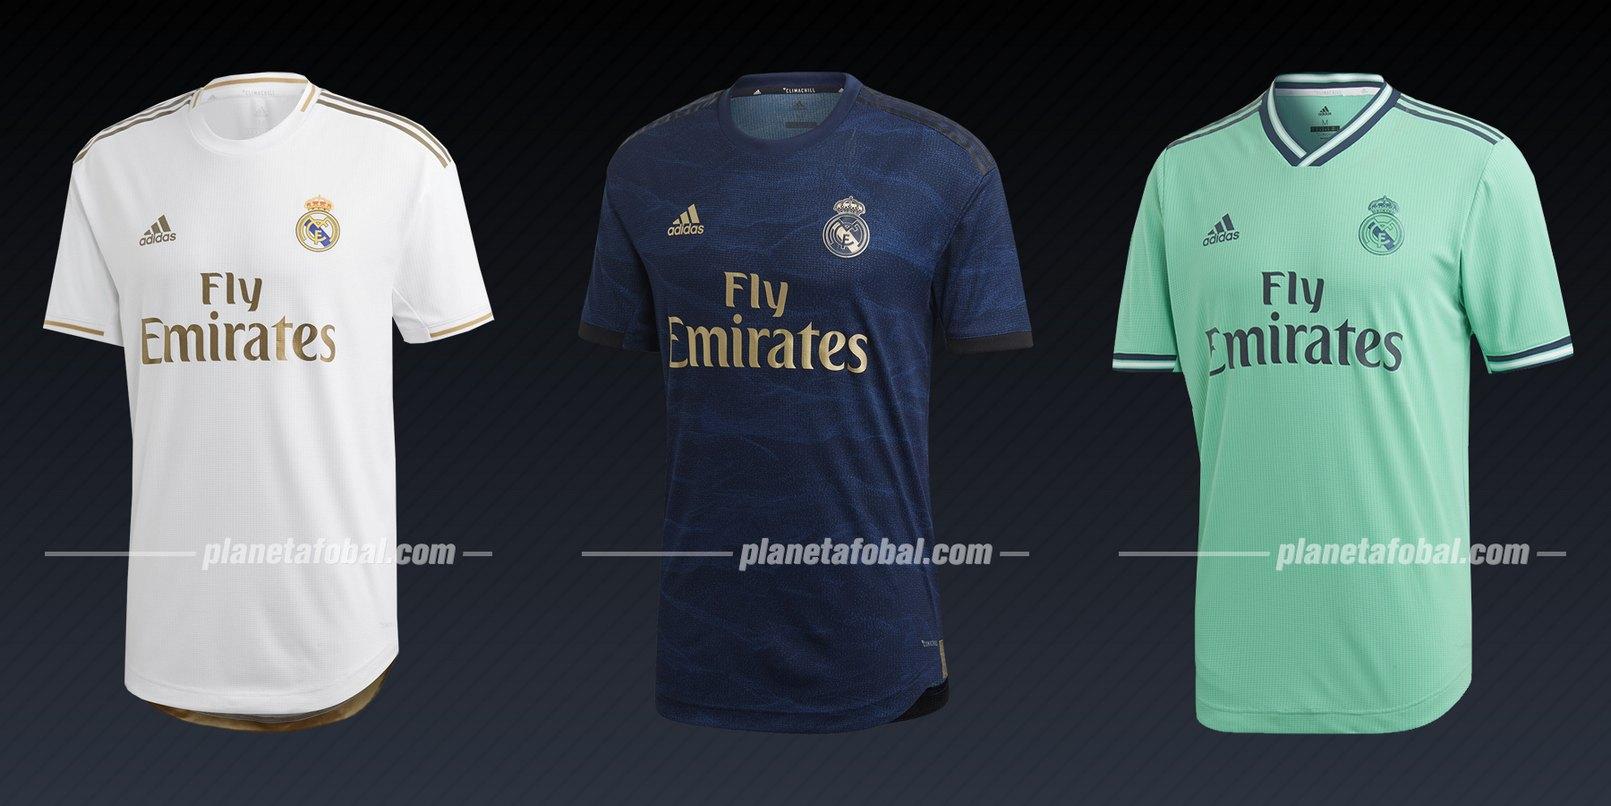 Real Madrid (Adidas) | Camisetas de la Liga de Campeones 2019/20